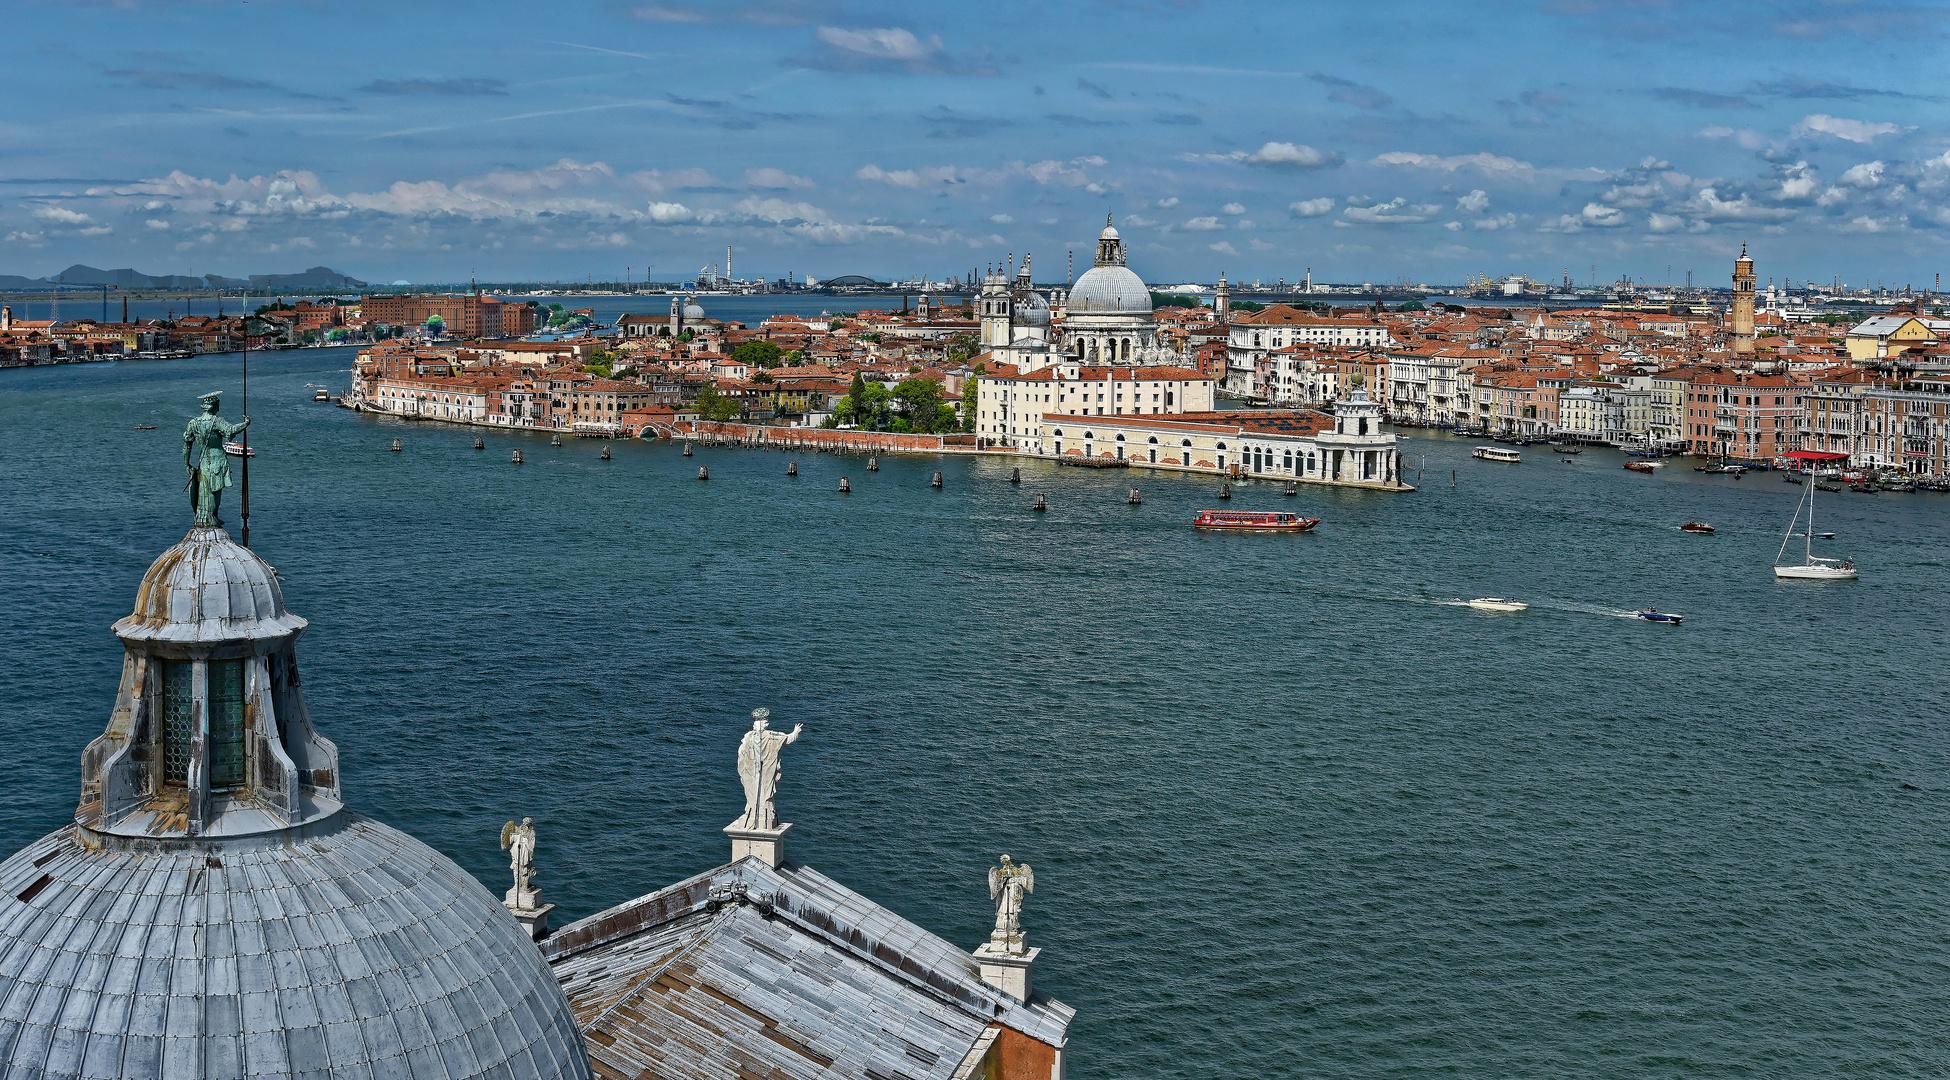 Best view on Venice: Insel San Giorgio Maggiore